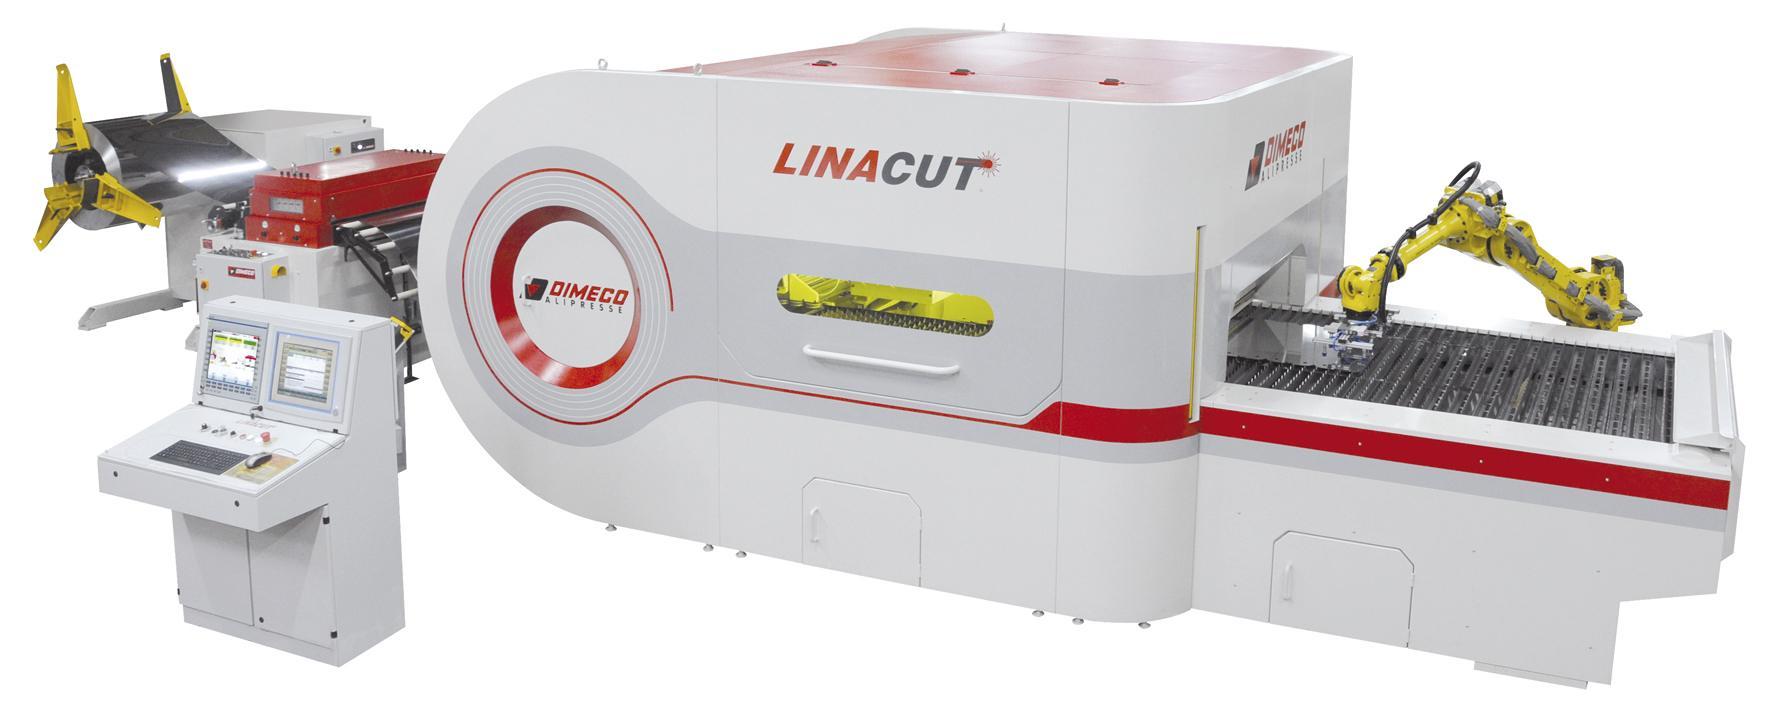 Cięcie laserem z kręgu blachy LINACUT® by DIMECO.